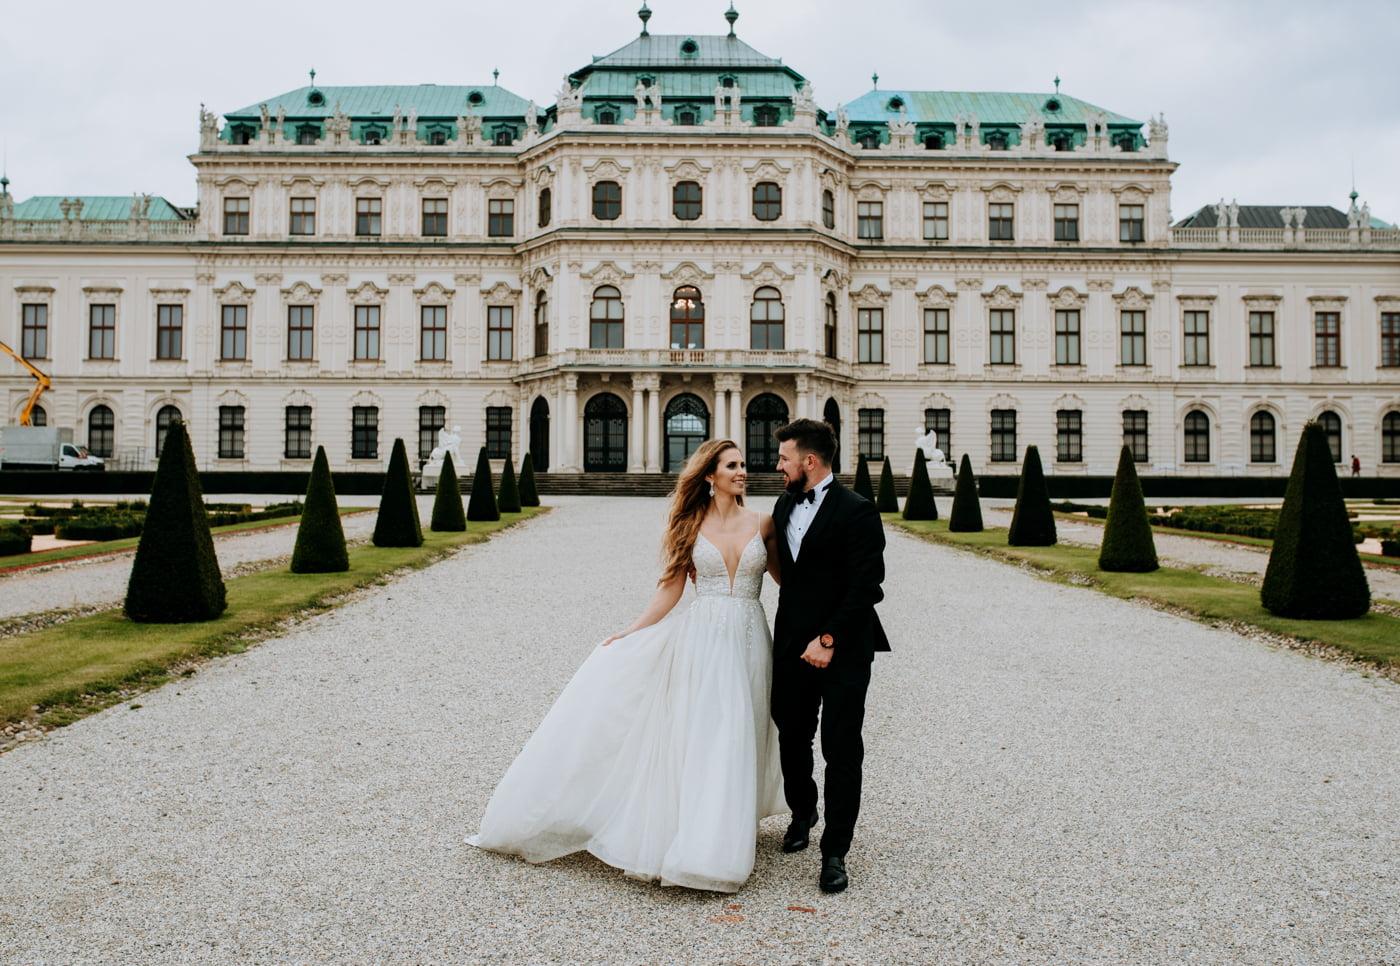 Sesja Ślubna w Wiedniu - Ania i Tomek 19